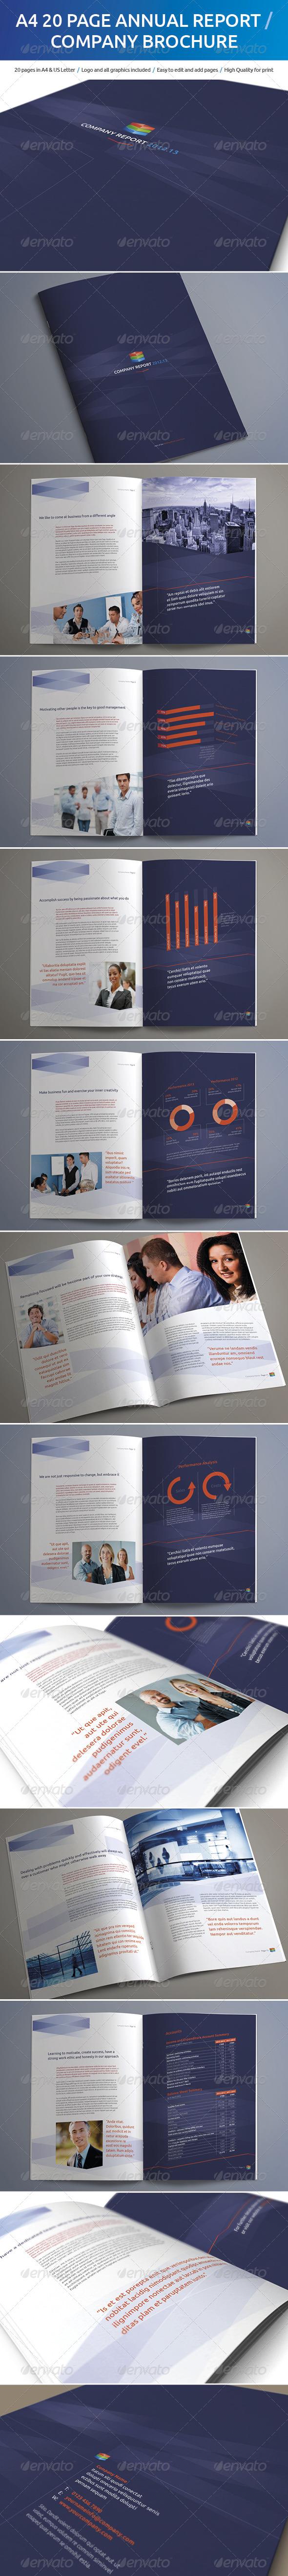 GraphicRiver A4 20 Page Annual Report Company Brochure 5061398